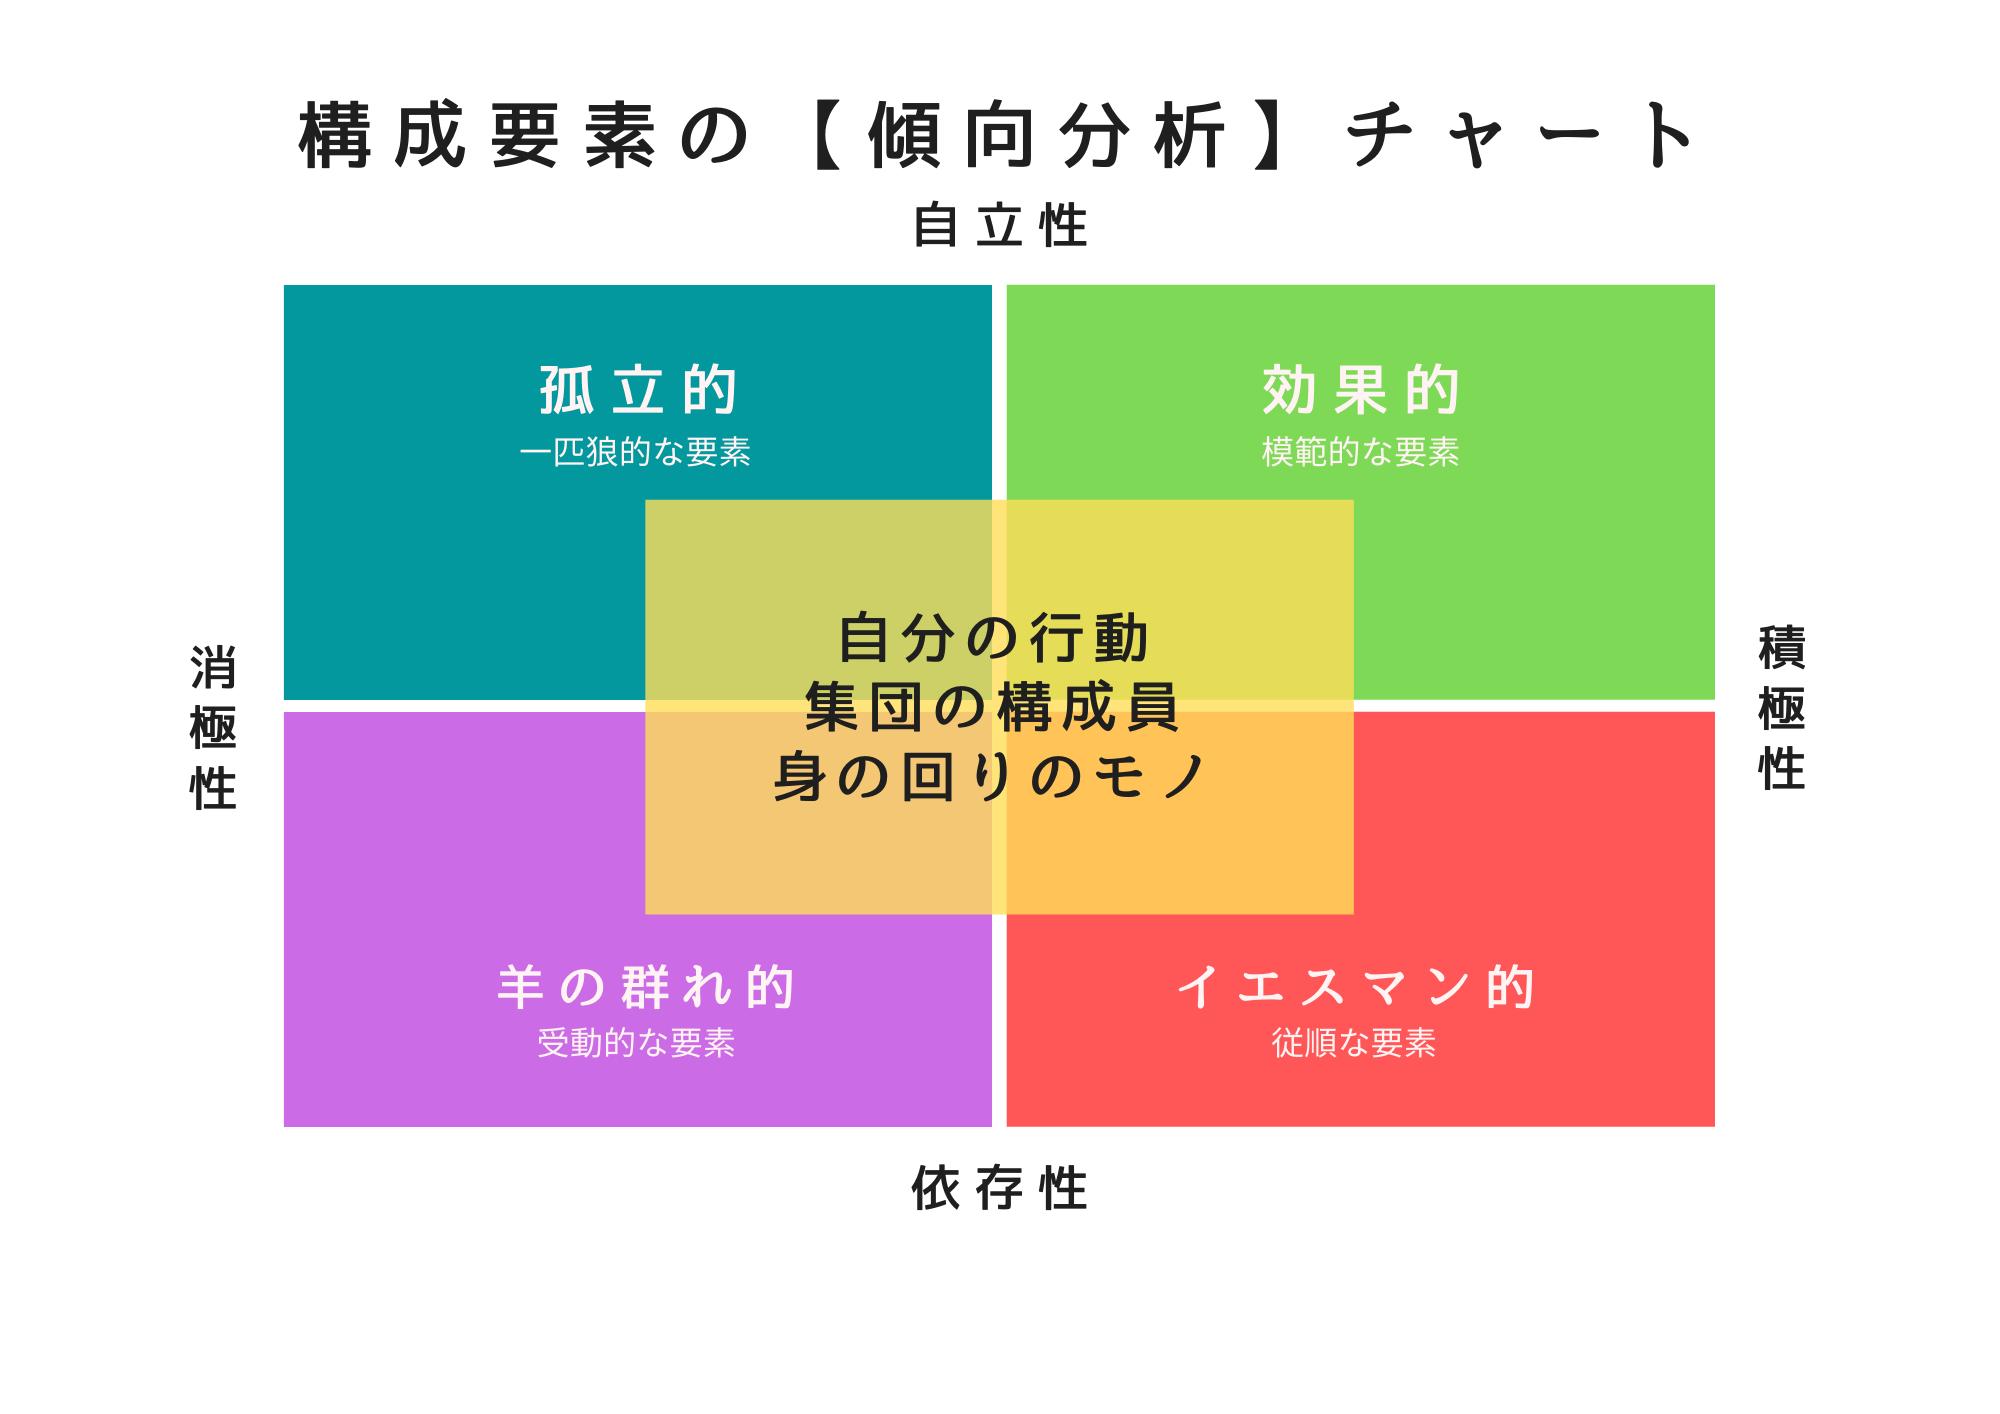 自分の好みを見つめる 4分類の傾向チャート オーダースーツ アスター 千葉県 佐倉市 臼井 うすい 八千代市 村上